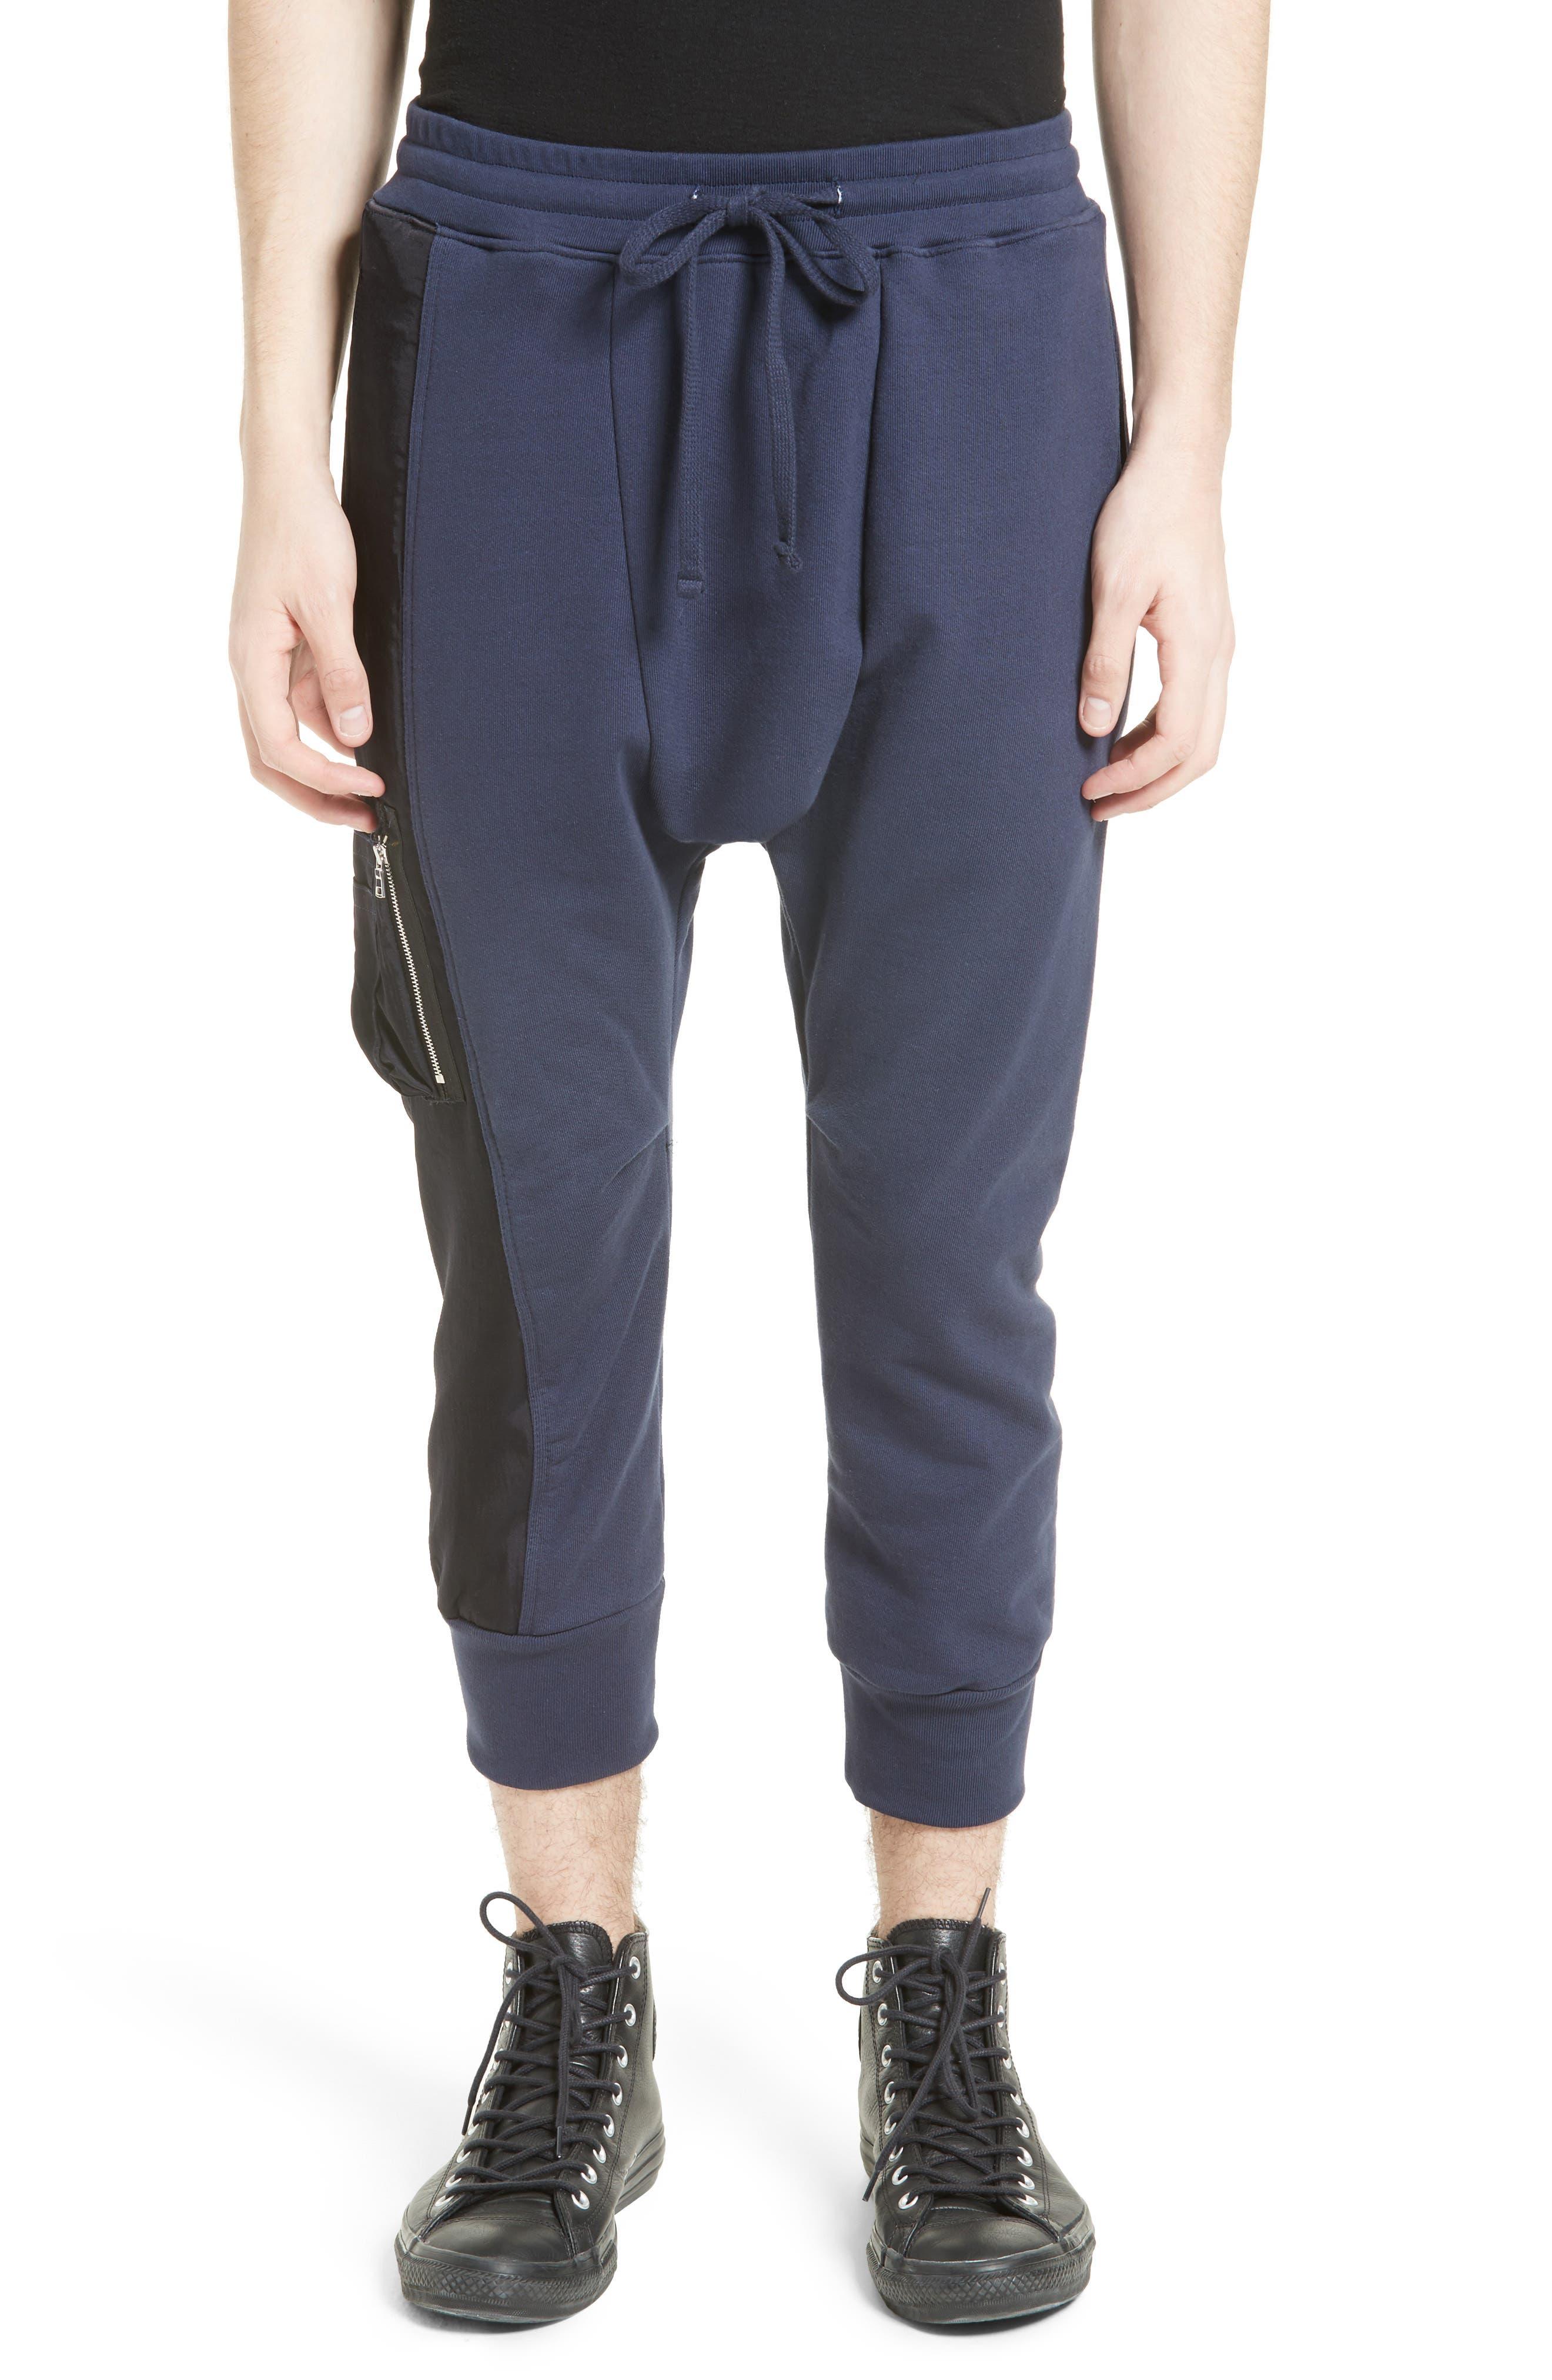 Militia Sweatpants,                         Main,                         color, Navy